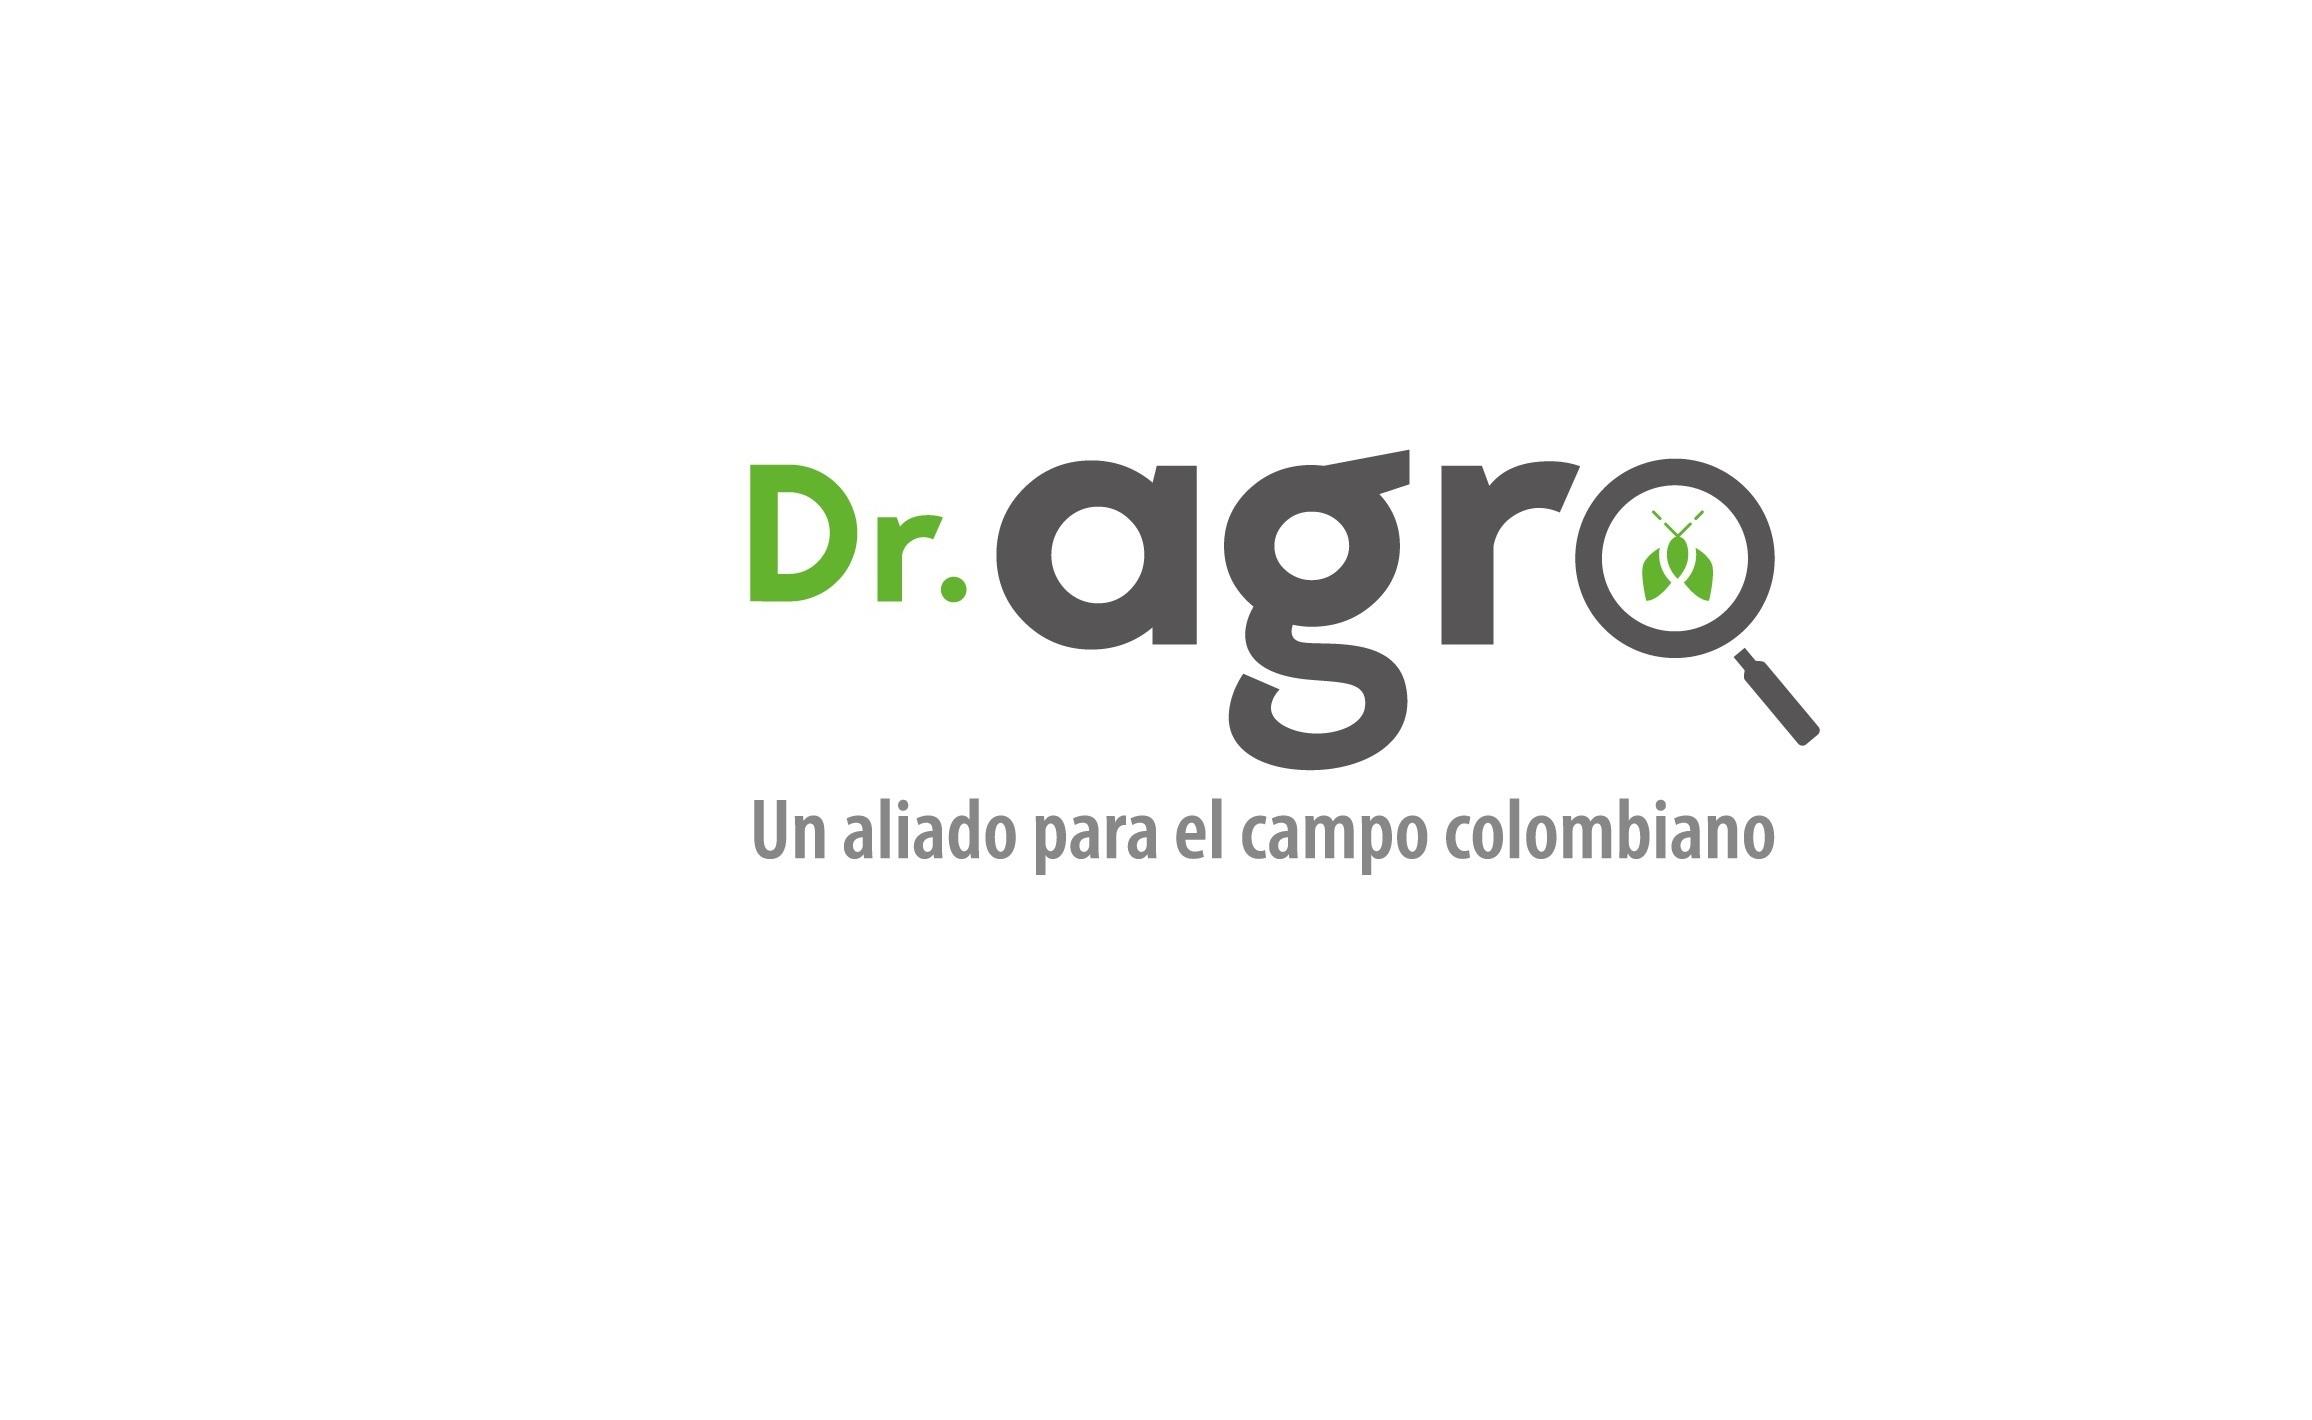 Dr. Agro. Un aliado para el campo colombiano